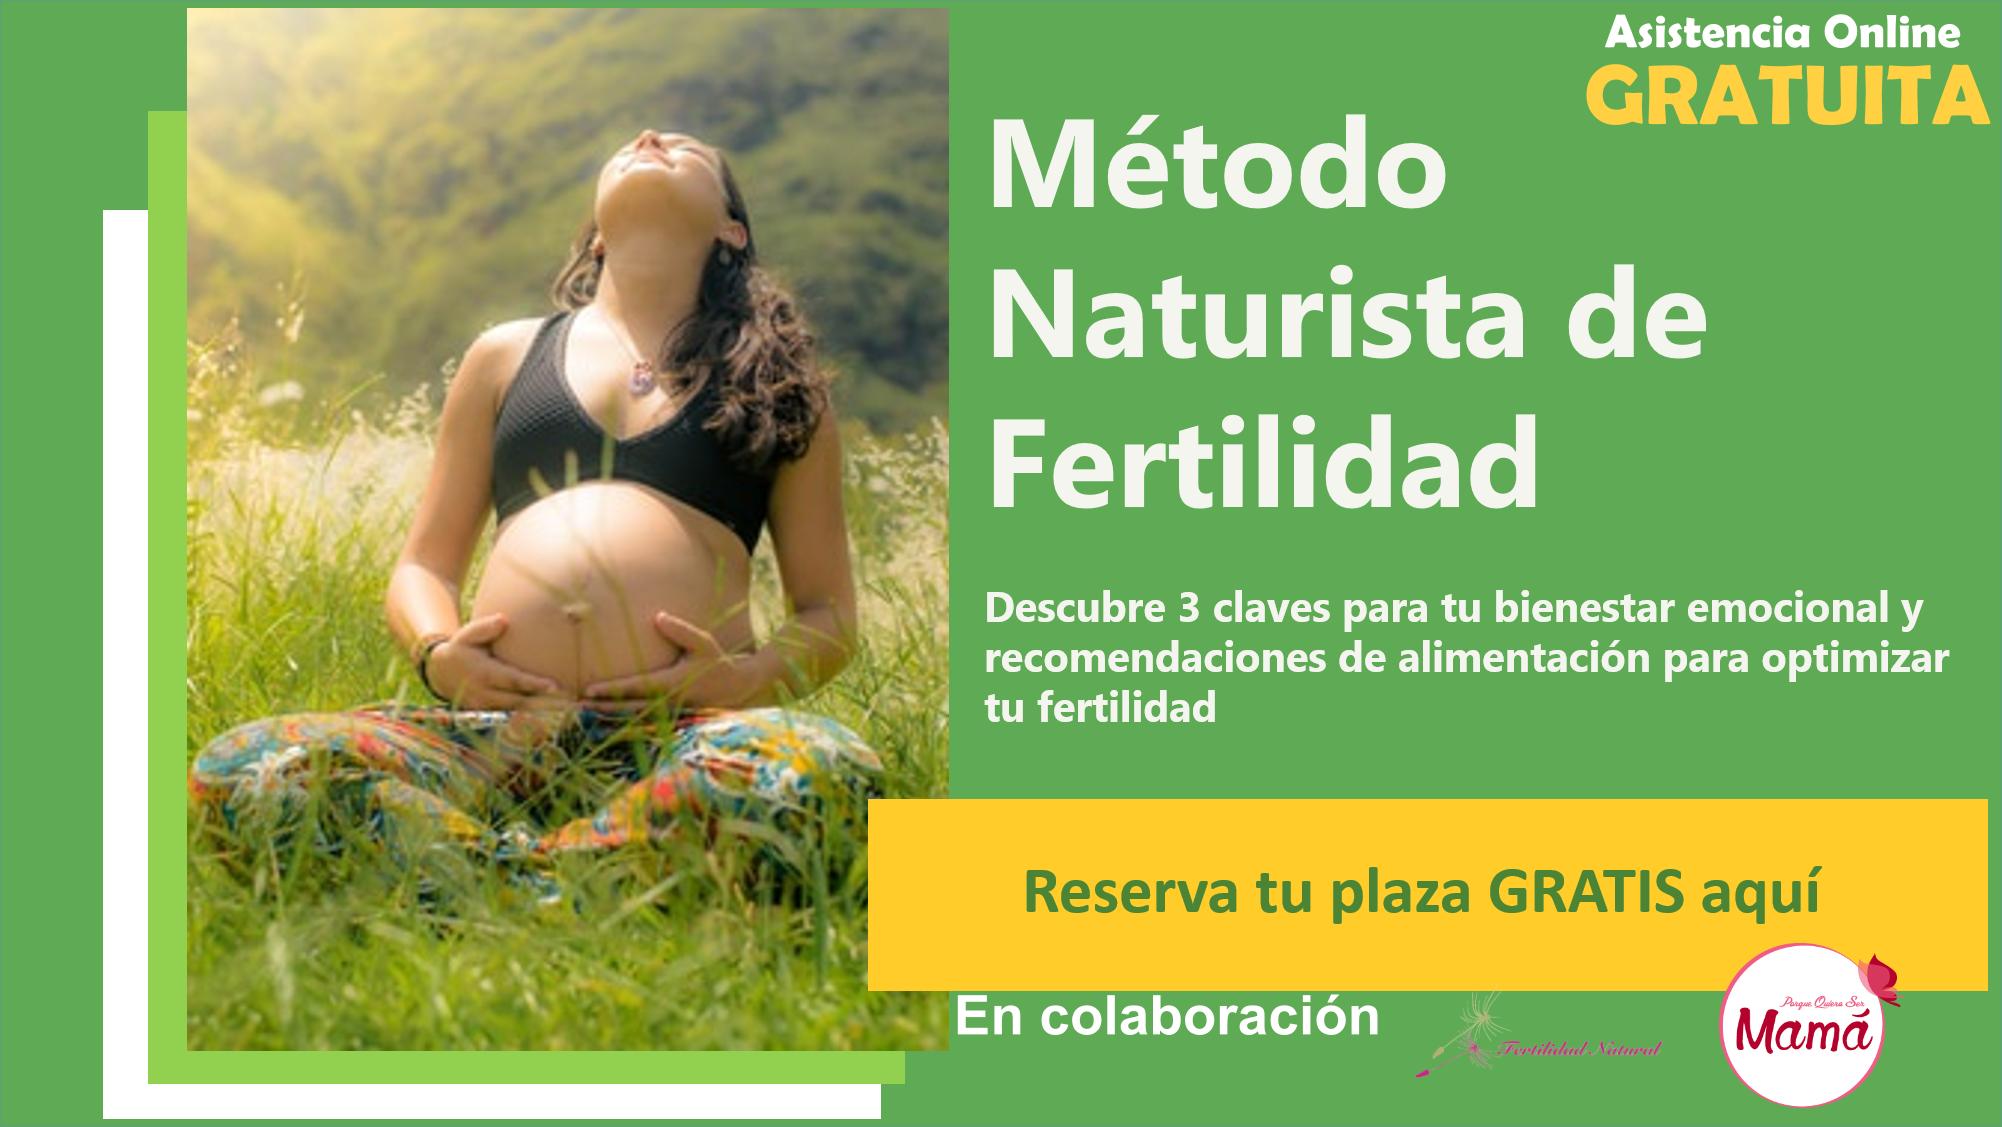 Webinar de Fertilidad junto a Laura Ceballos. Asiste online gratuita(14 de junio a las 18:00)